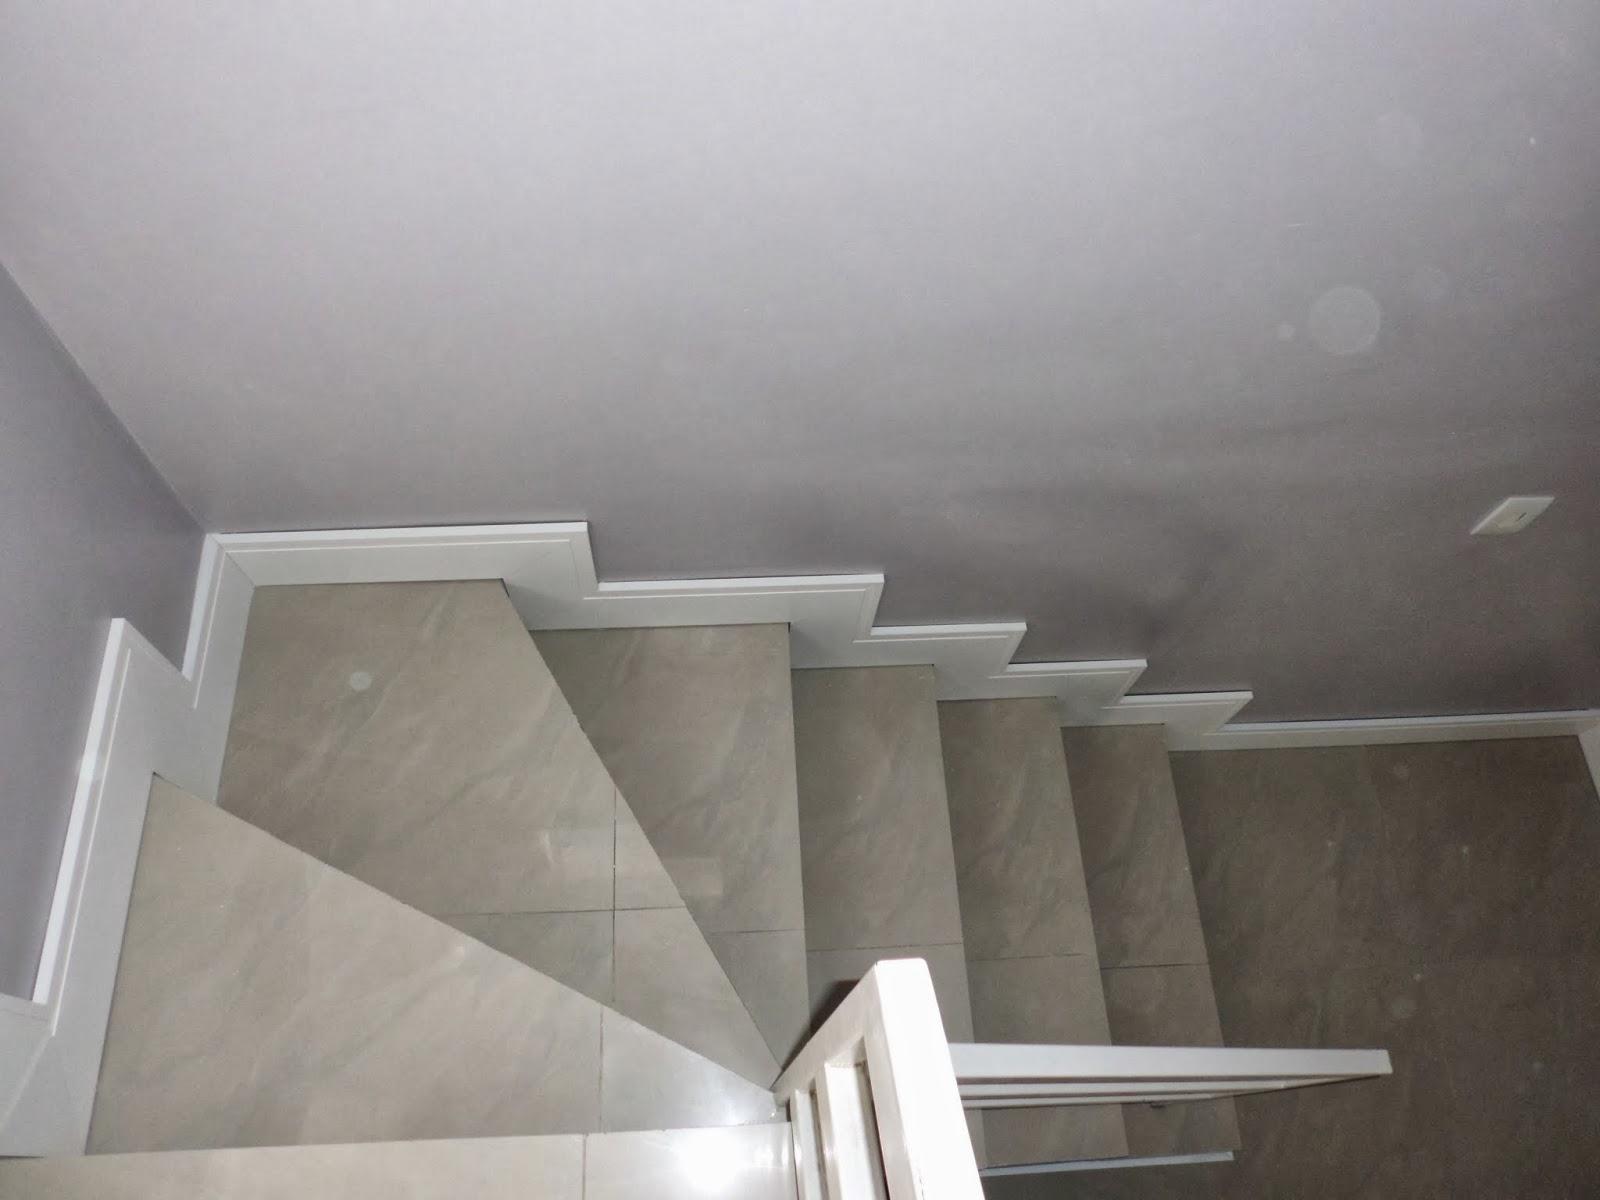 Rodapé de Mdf Branco Instalado em Escadas